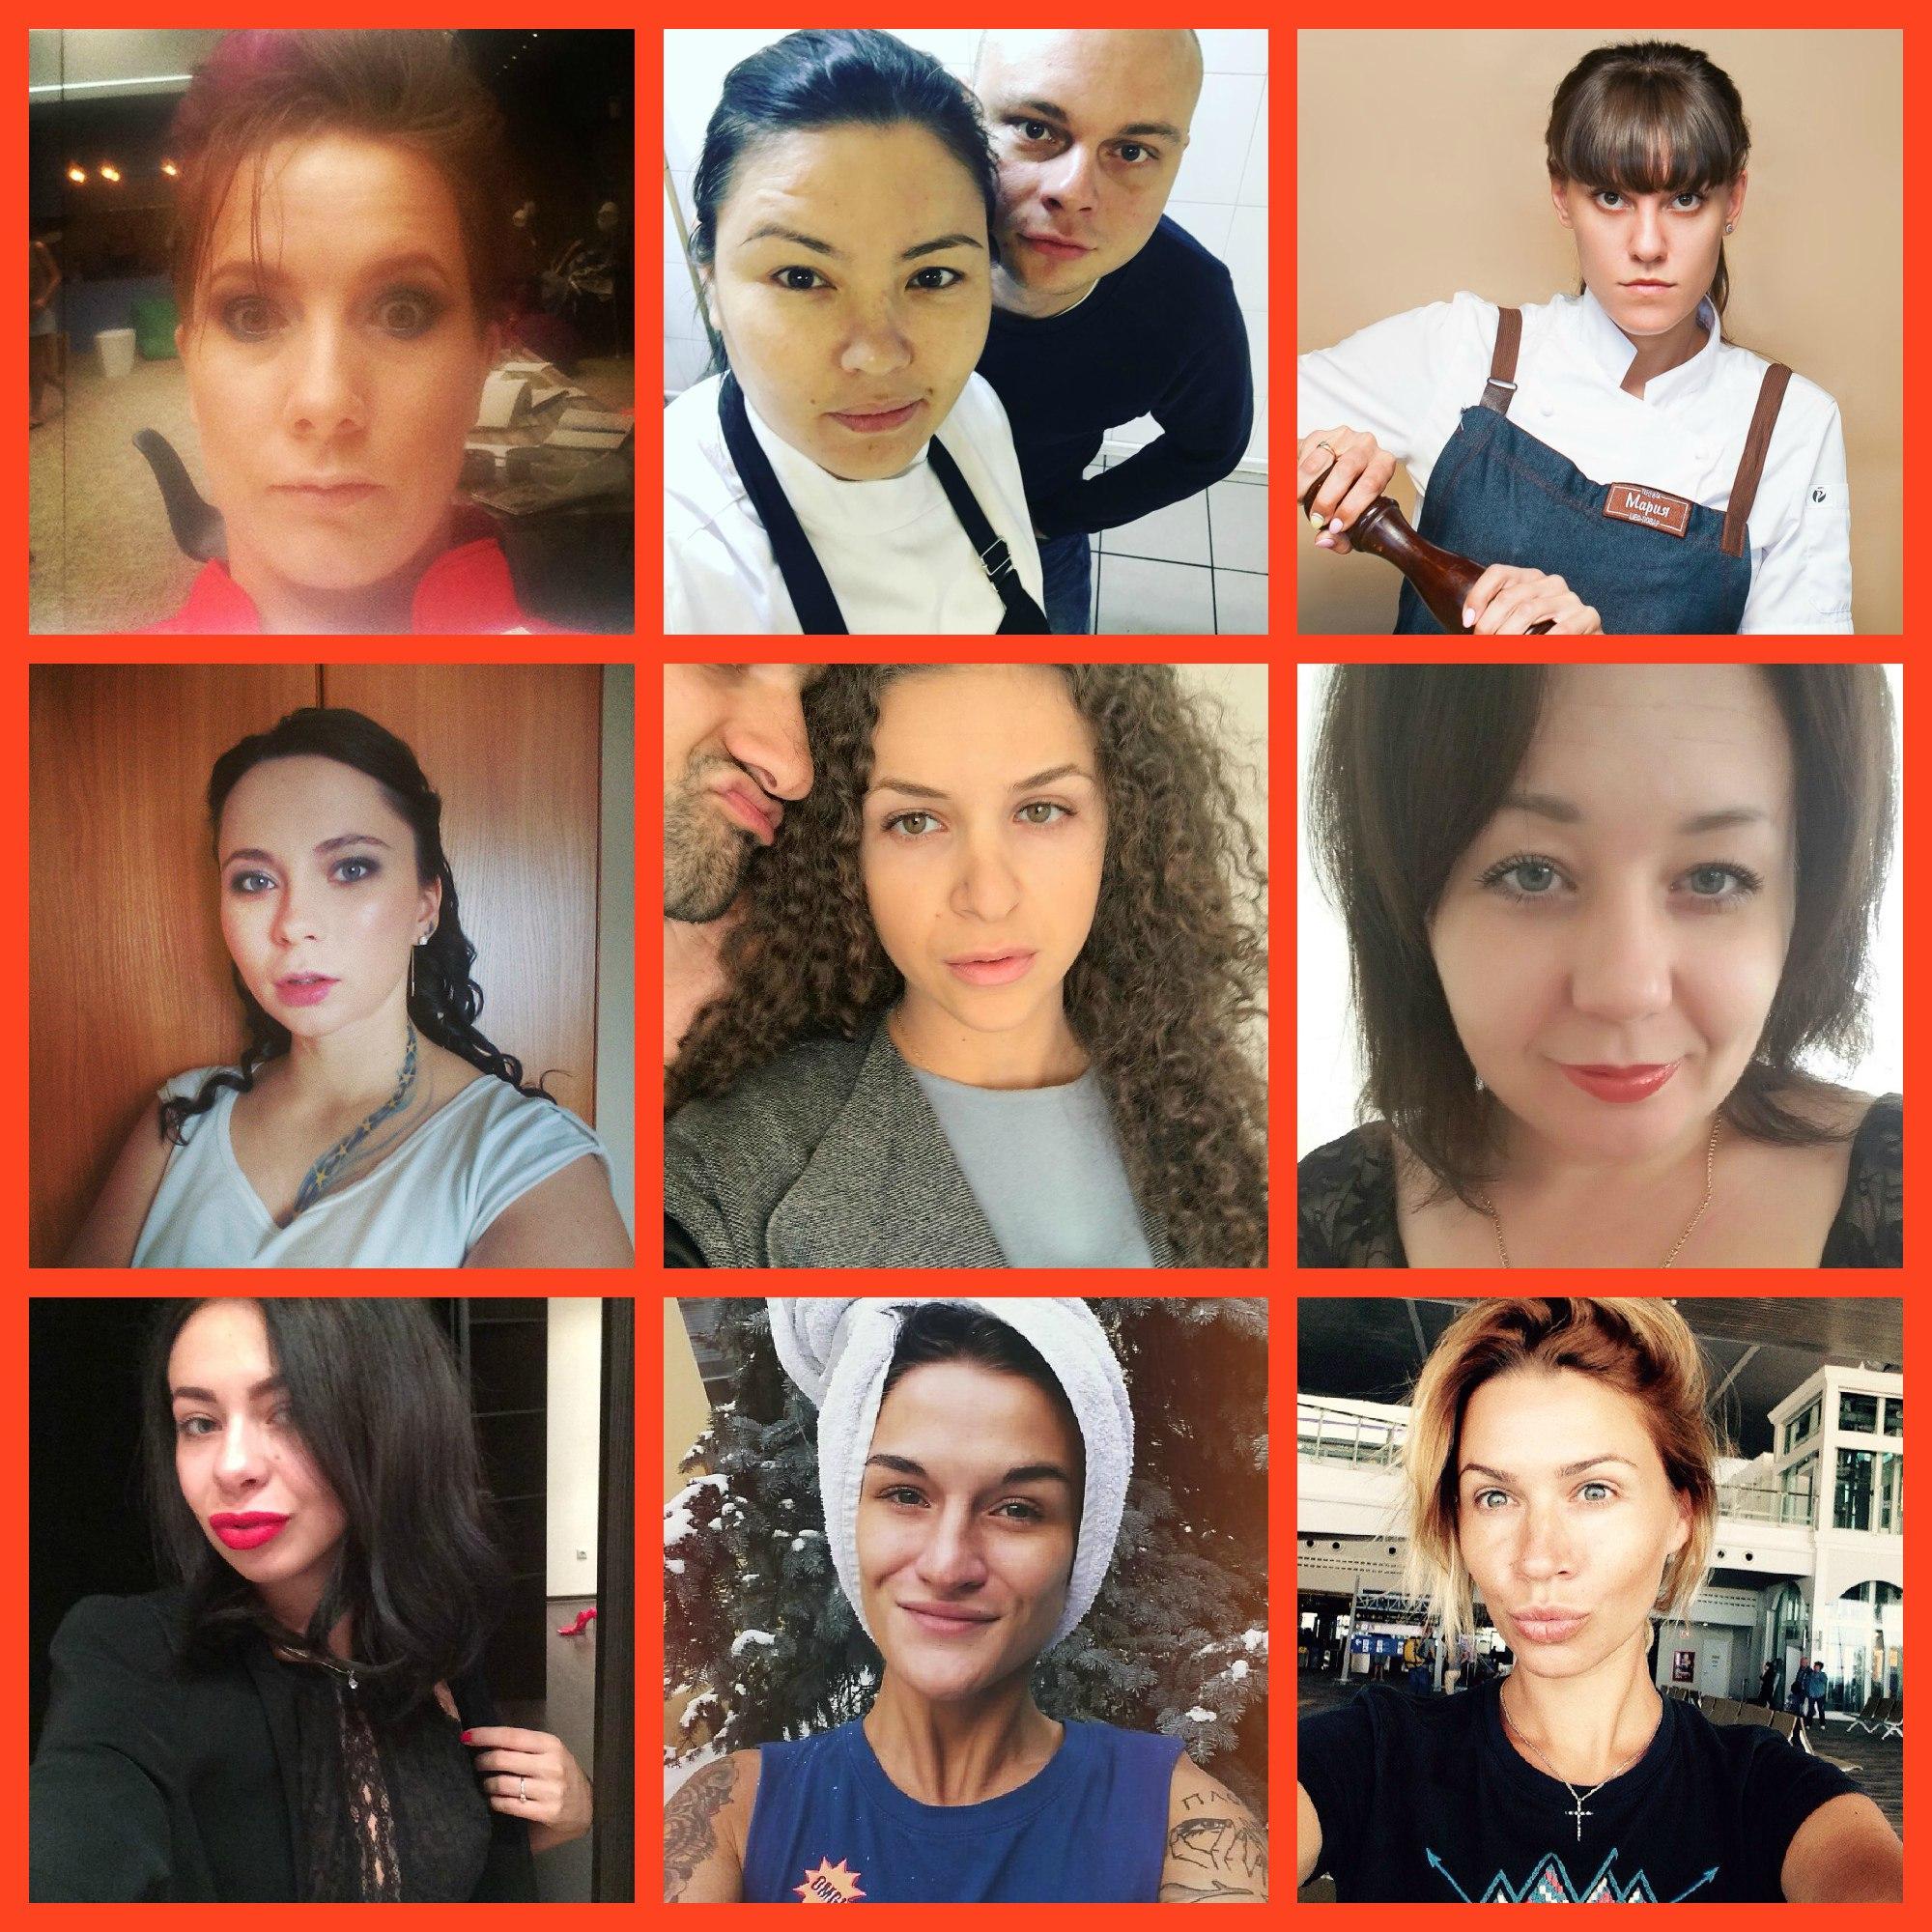 Адская Кухня с Конcтантином Ивлевым 1 сезон на Пятнице Красная команда